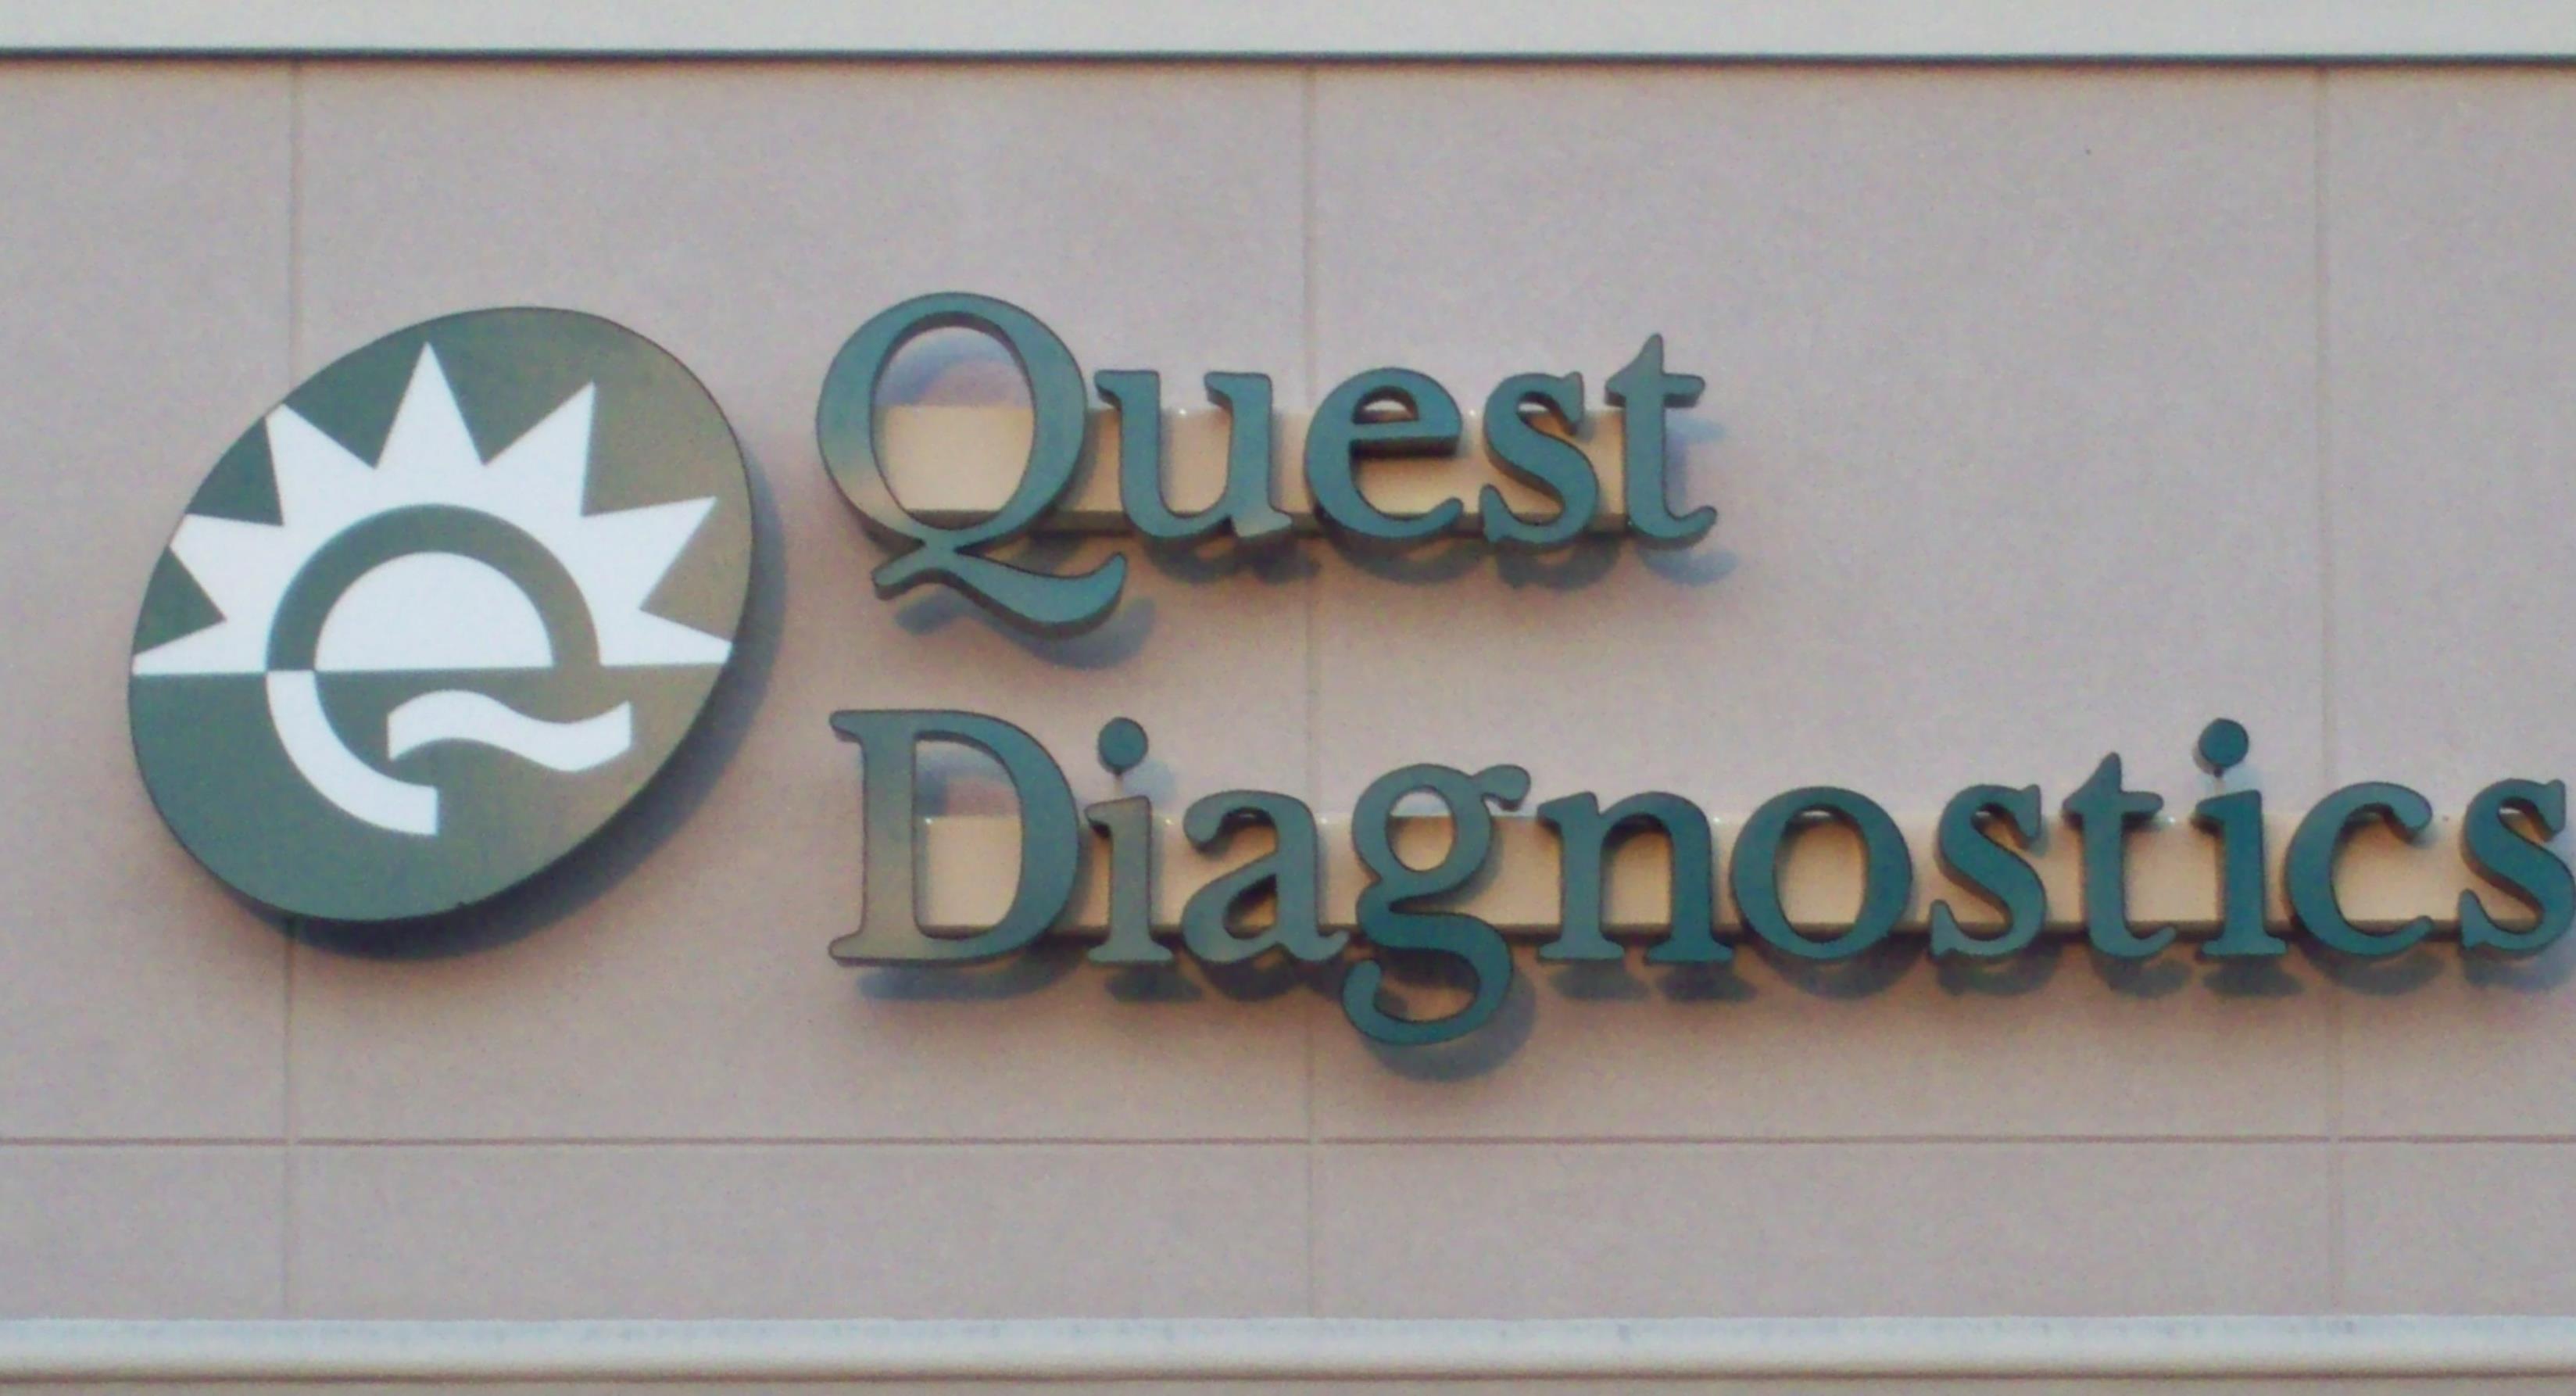 Quest Diagnostics - Channel Letters